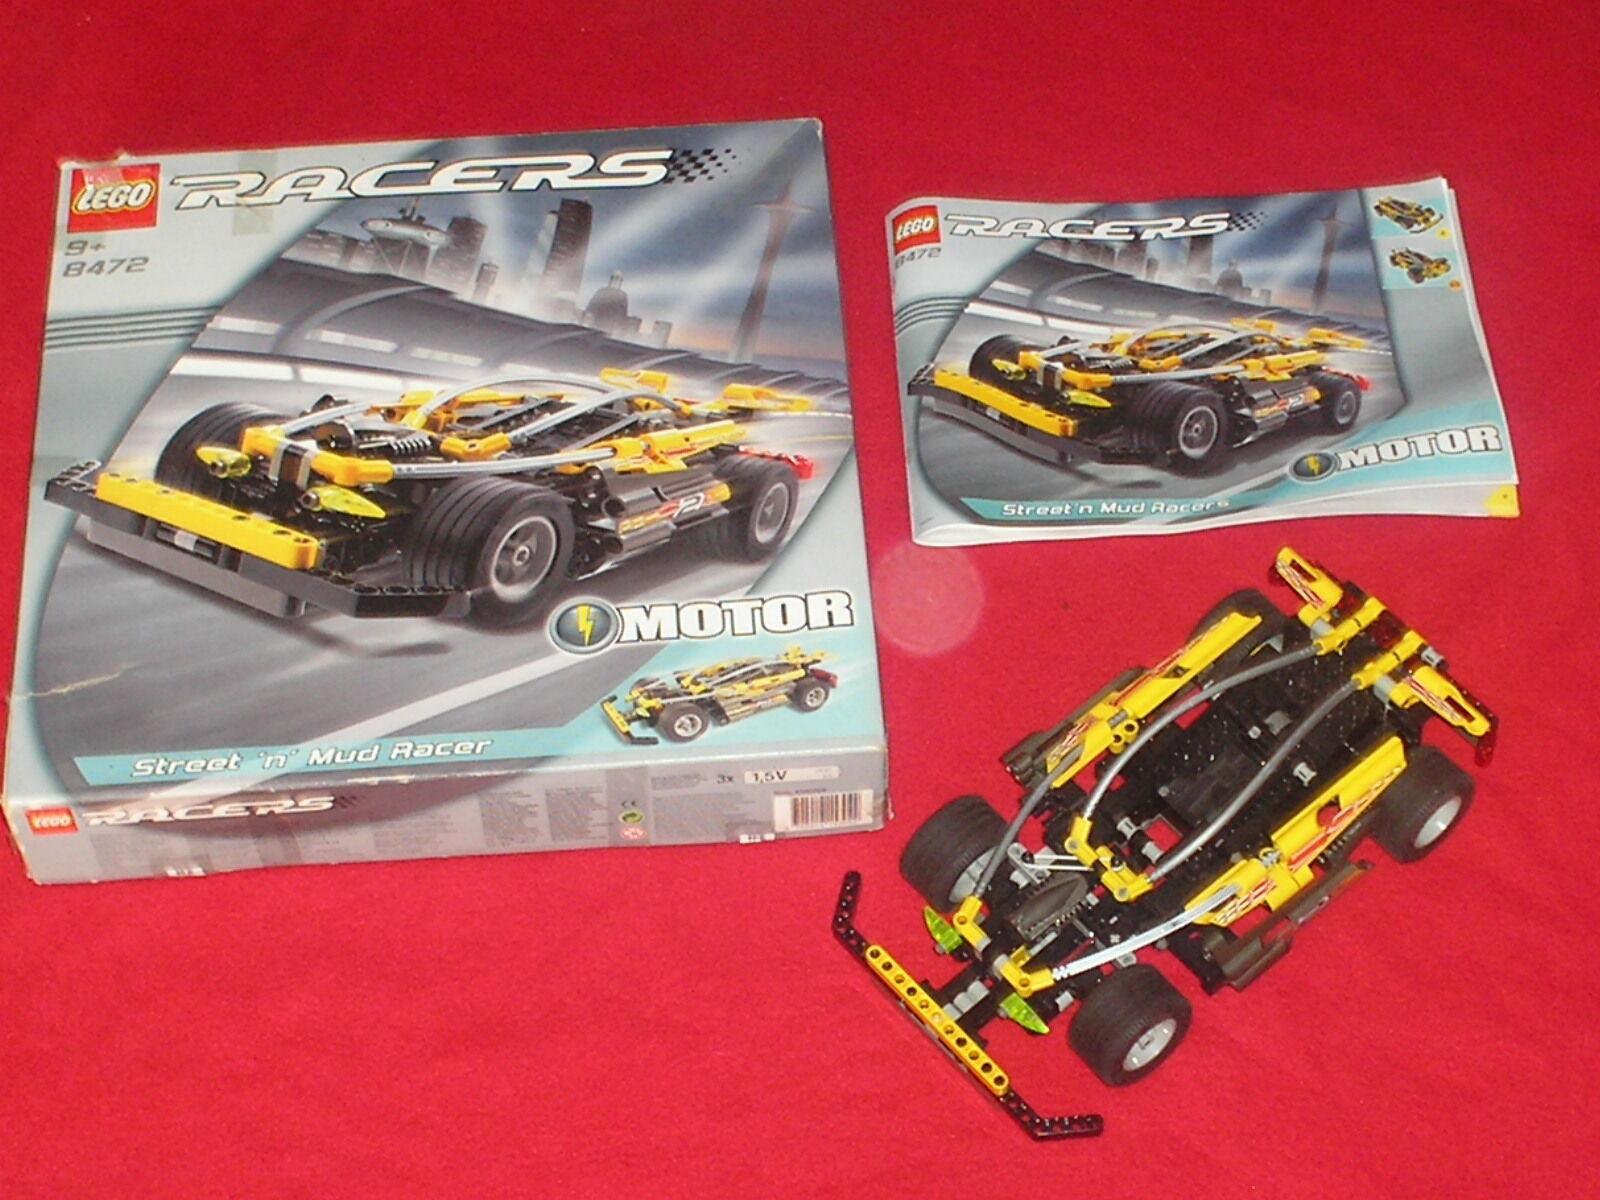 Set complet LEGO TECHNIC racers ref 8472 avec moteur   / 100% COMPLET